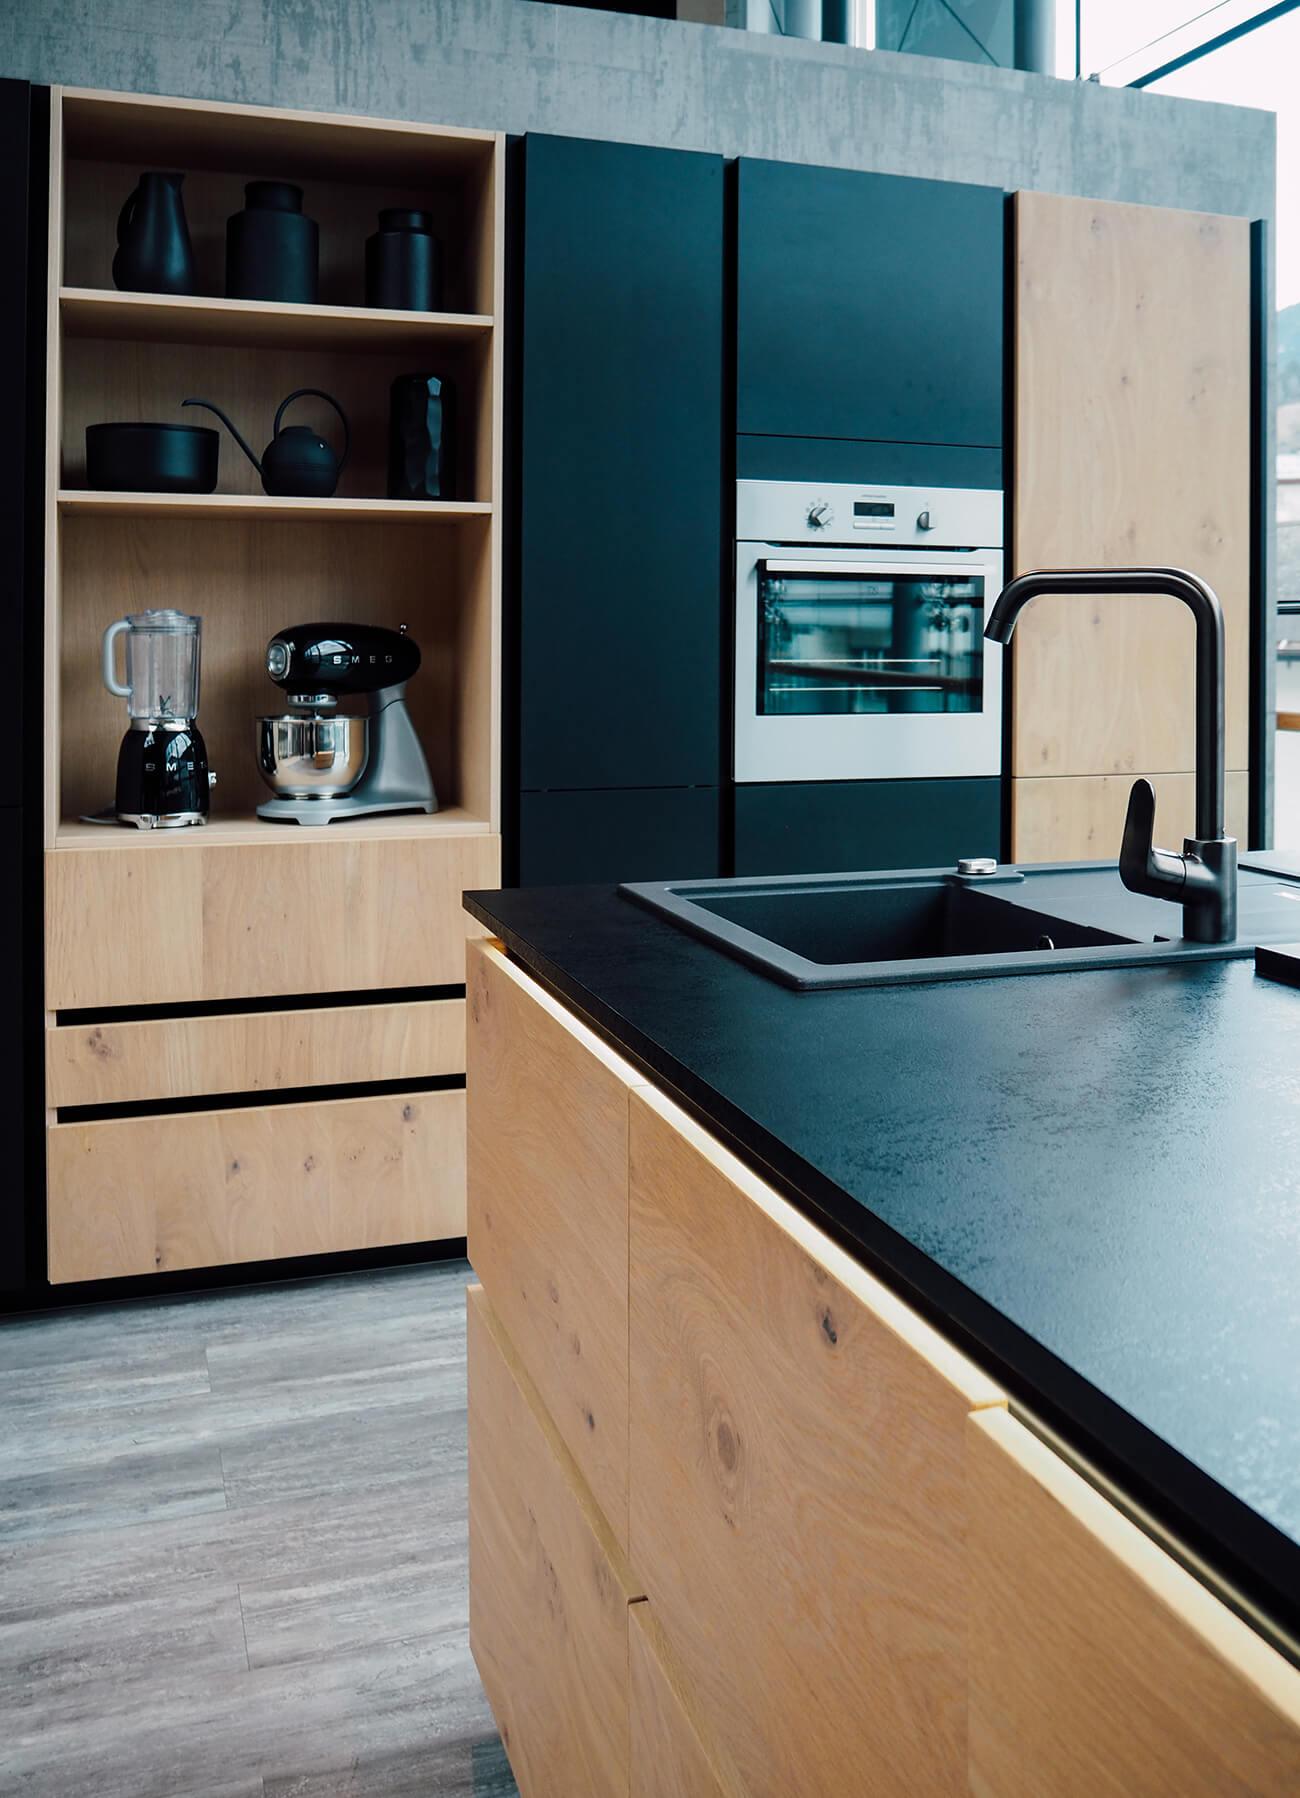 Les règles de base dans l'aménagement d'une cuisine - FrenchyFancy